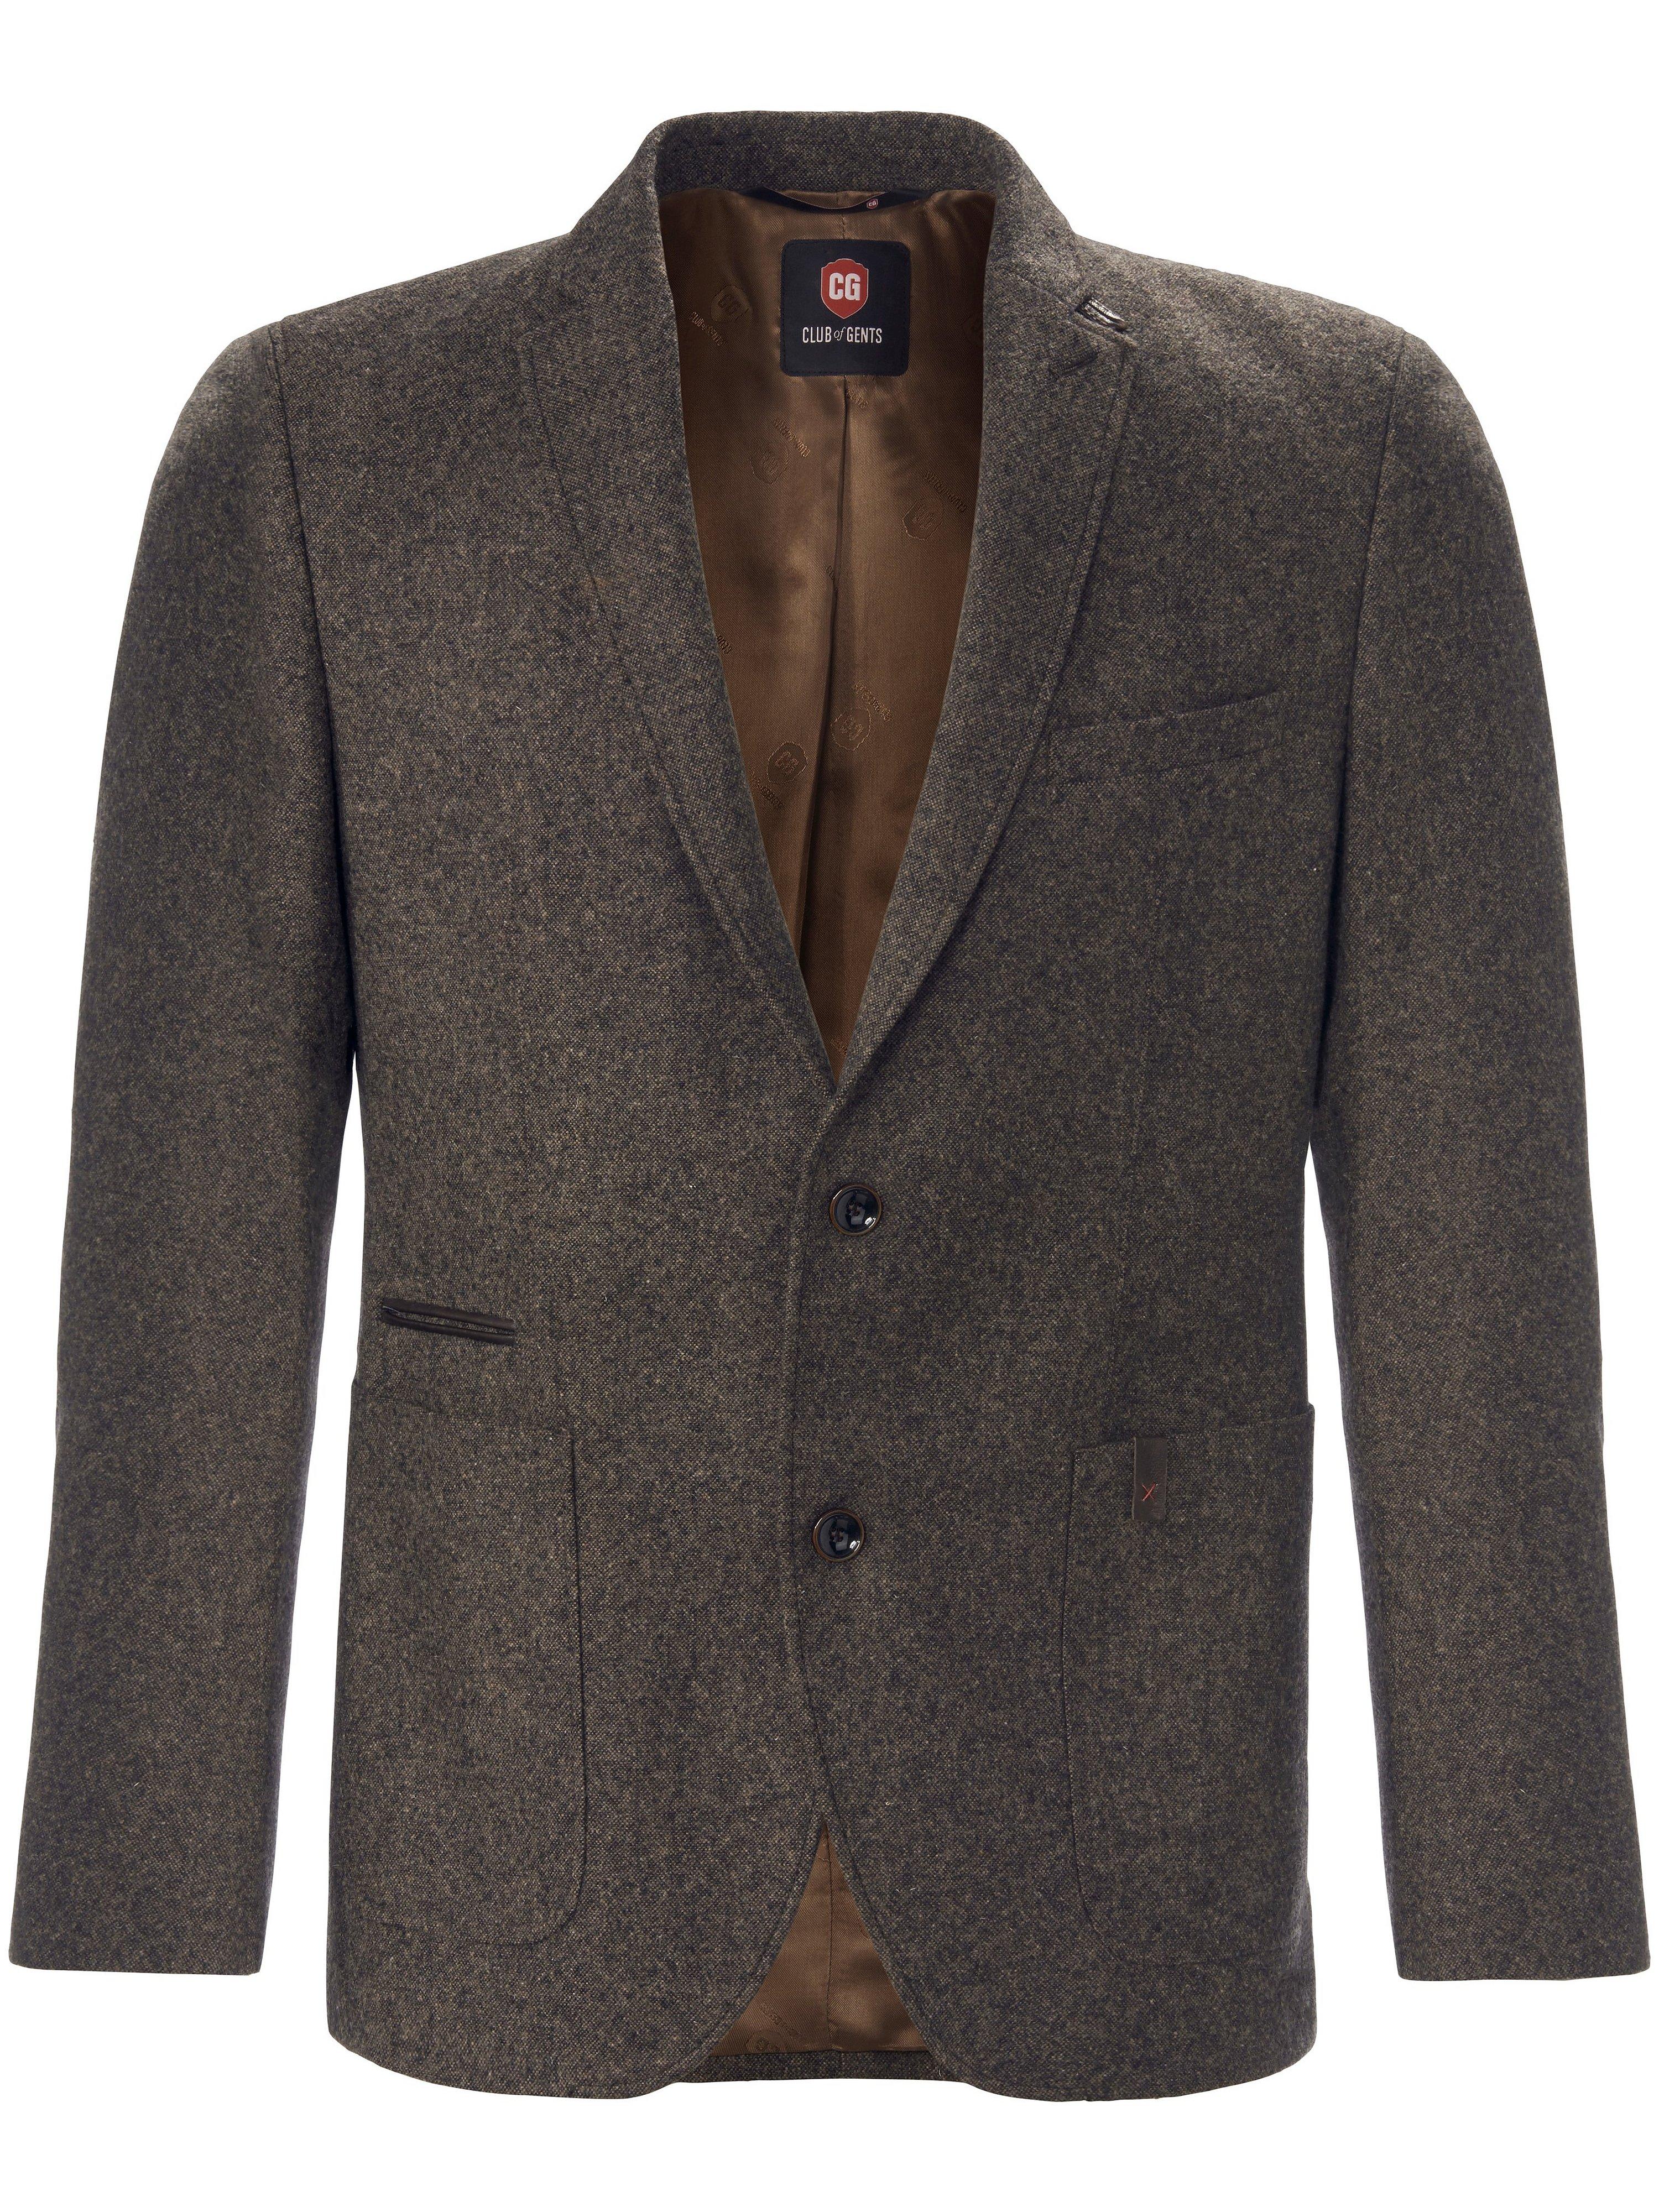 Colbert tweed Van CG bruin